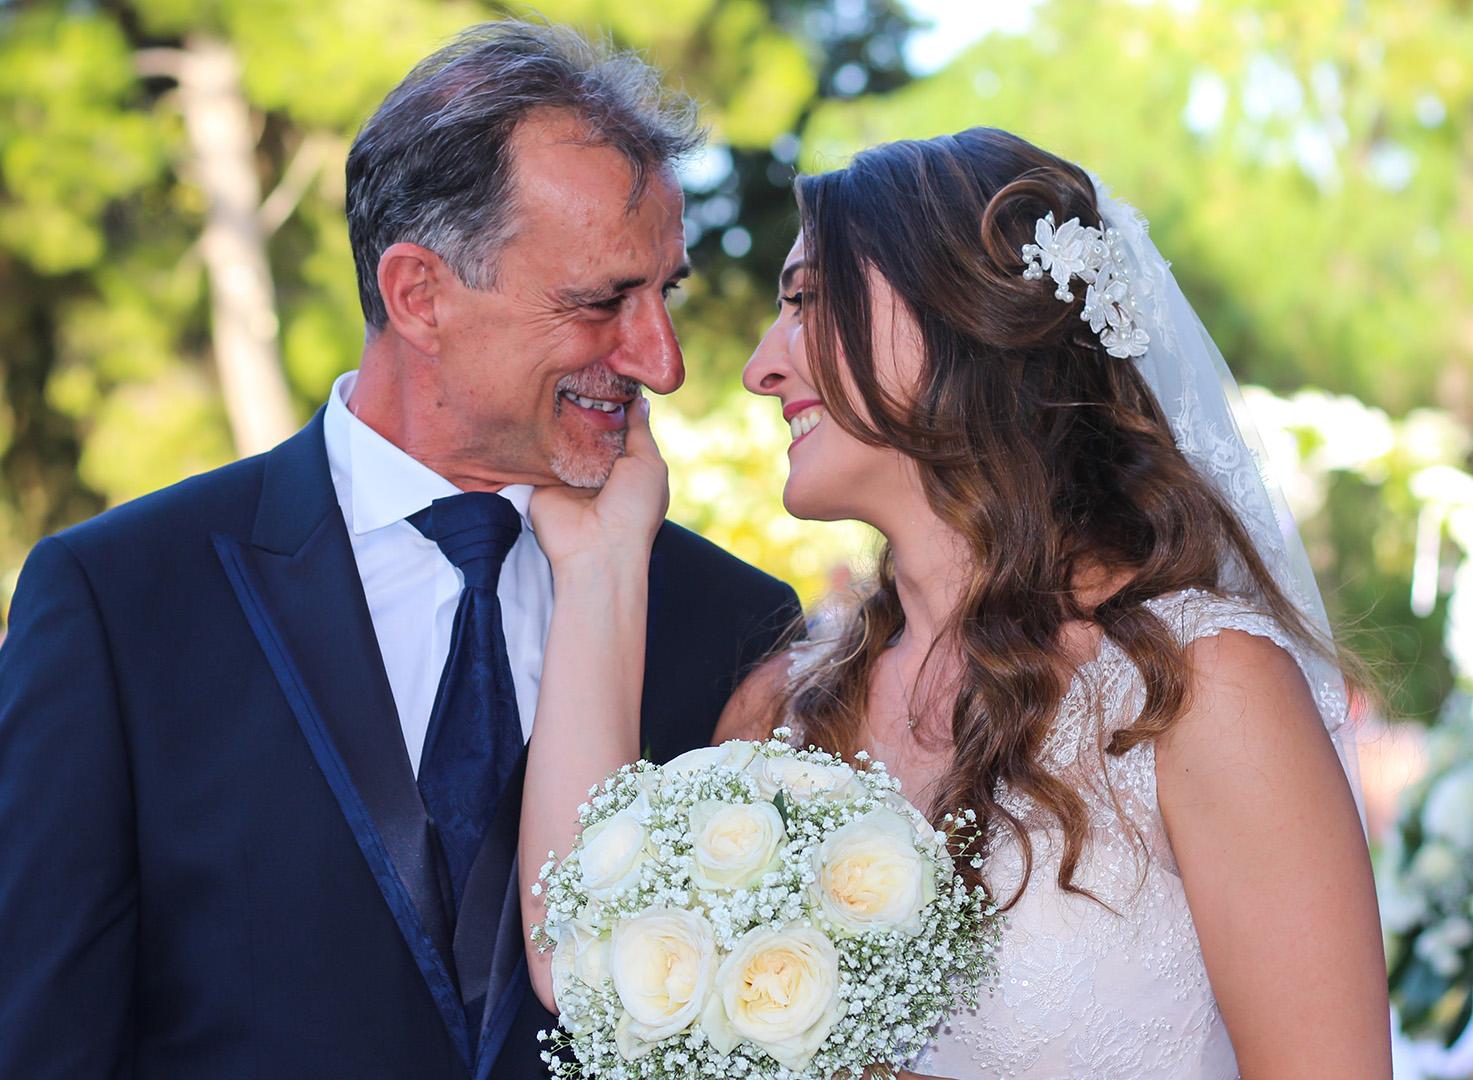 Monica Sutera fotografo - fotografo matrimonio agrigento - fotografo wedding agrigento - fotografa siciliana